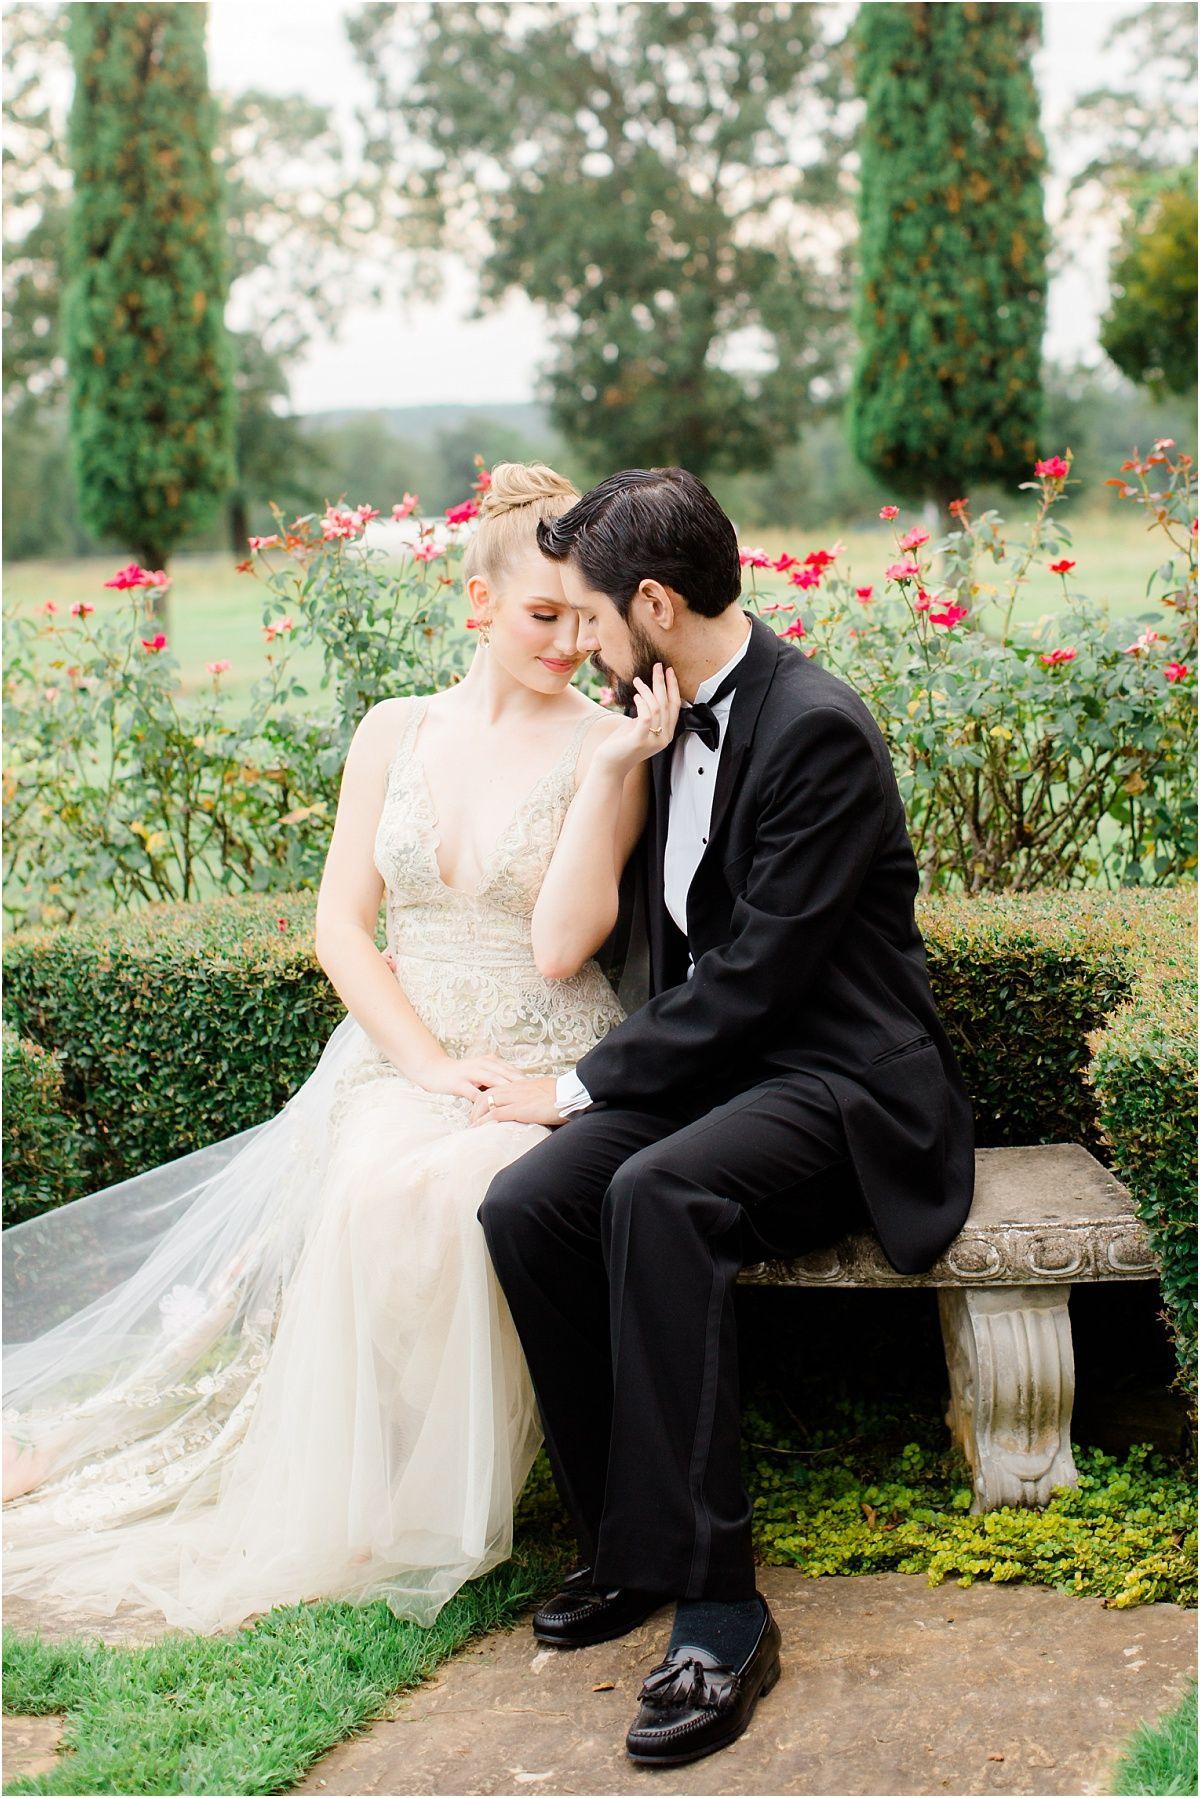 Villa Di Felicita Wedding Wedding venues texas, Wedding